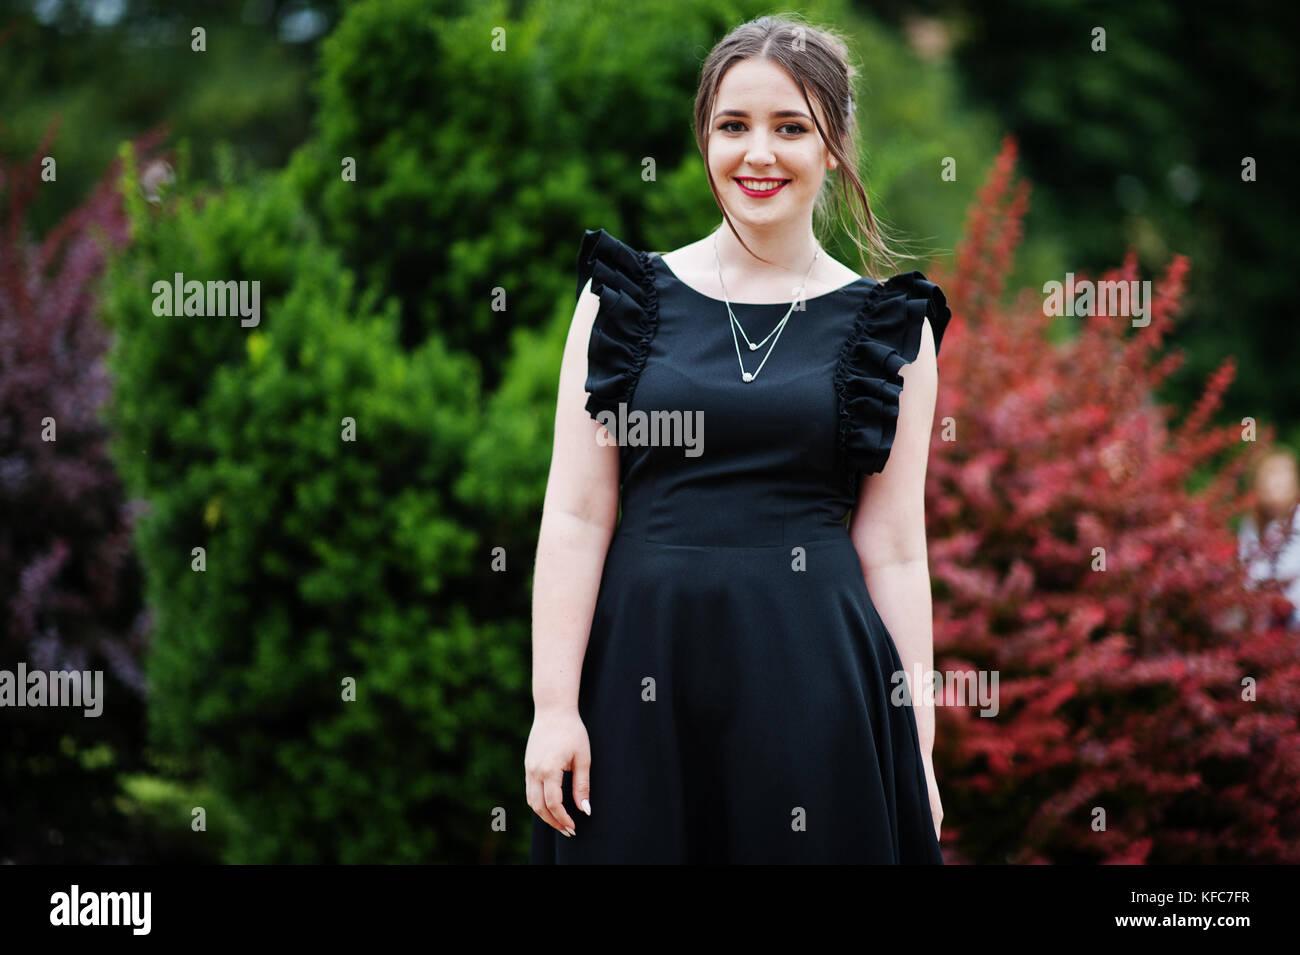 b2ea691e9 Retrato de una hermosa joven vestido negro caminando sobre el pavimento en  el parque en un